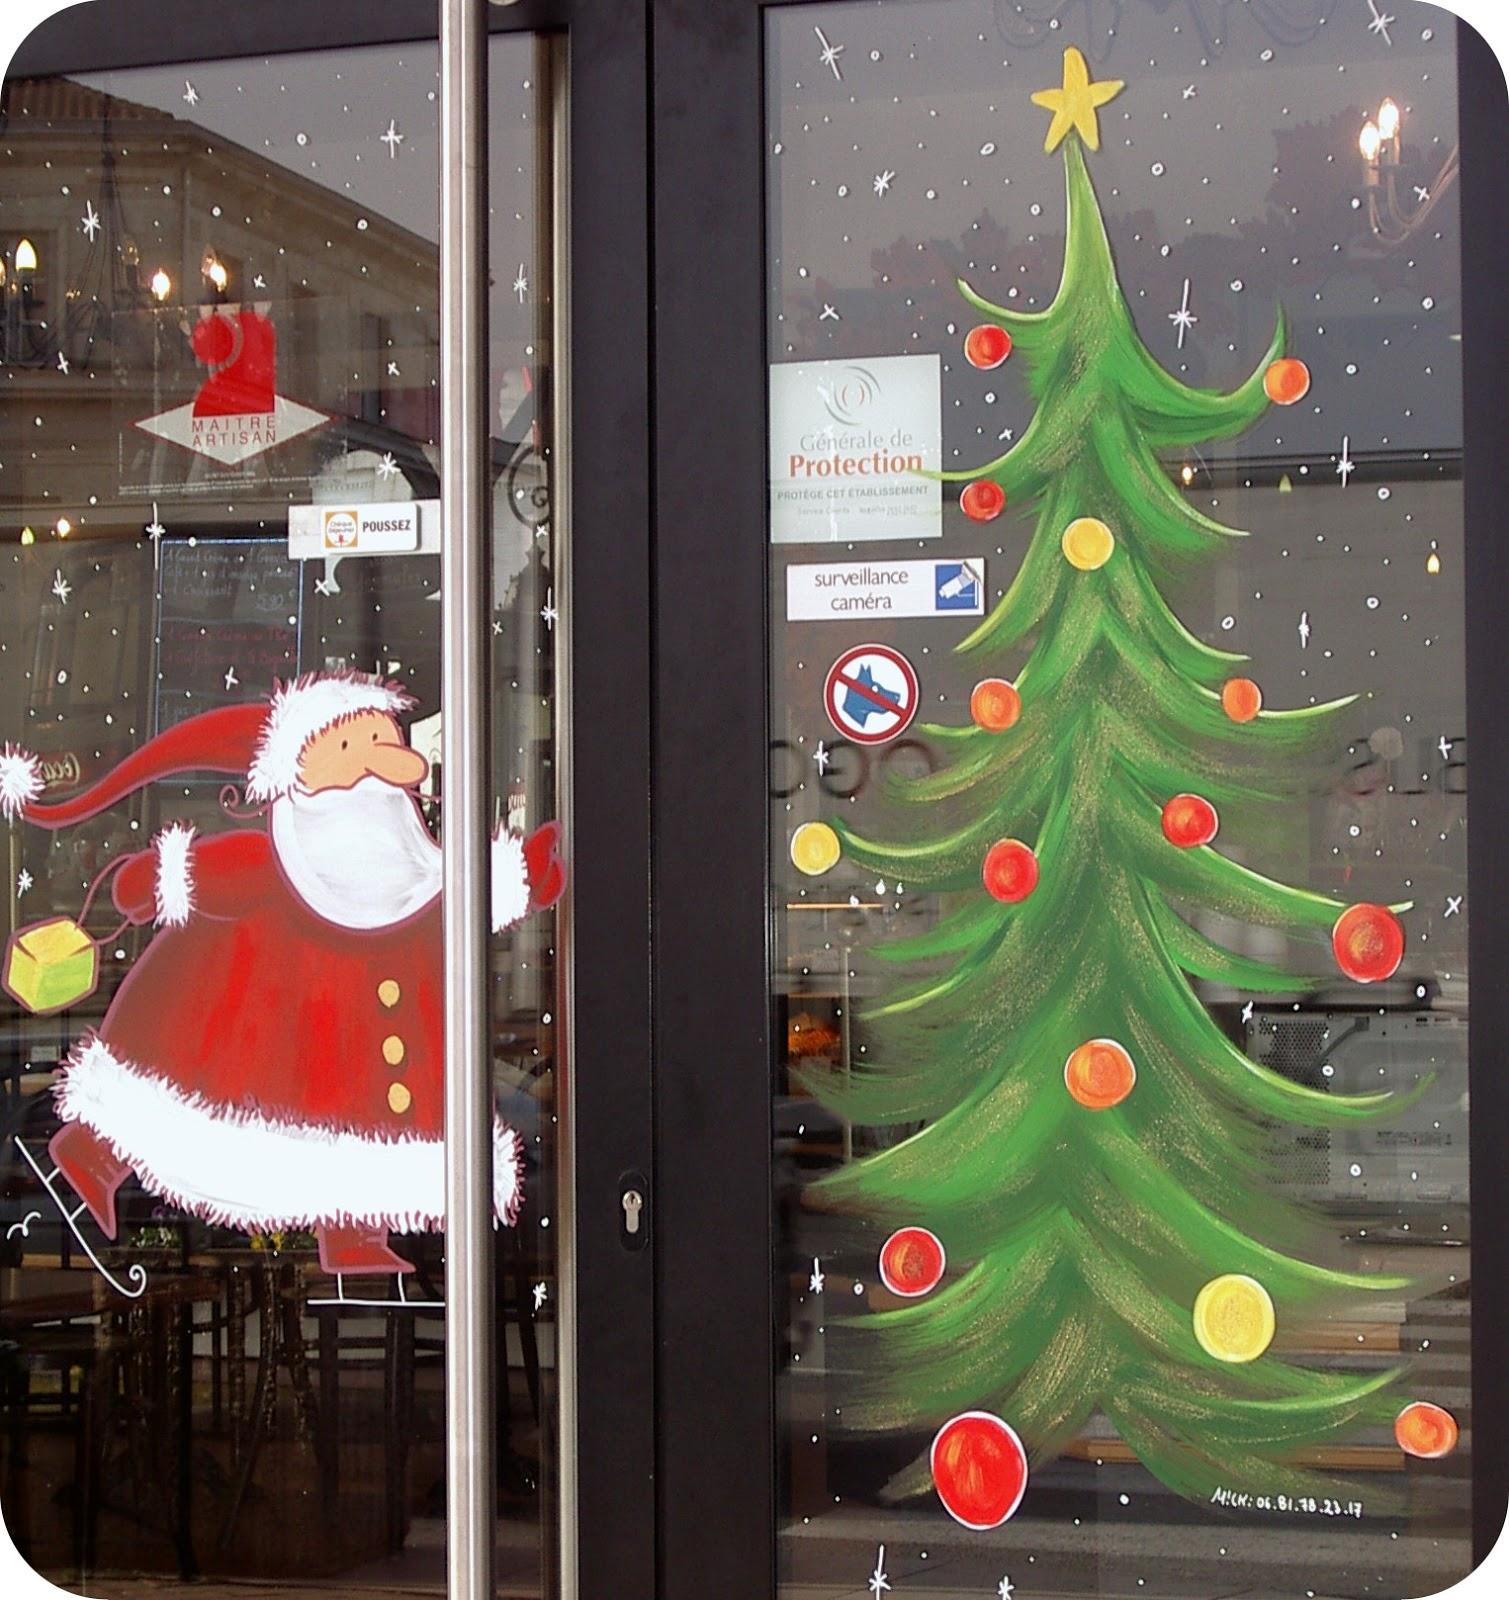 #A82A23 Mickaëlle Delamé: Vitrines Peintes En Lot Et Garonne 5491 décorations de noel pour vitres 1509x1600 px @ aertt.com